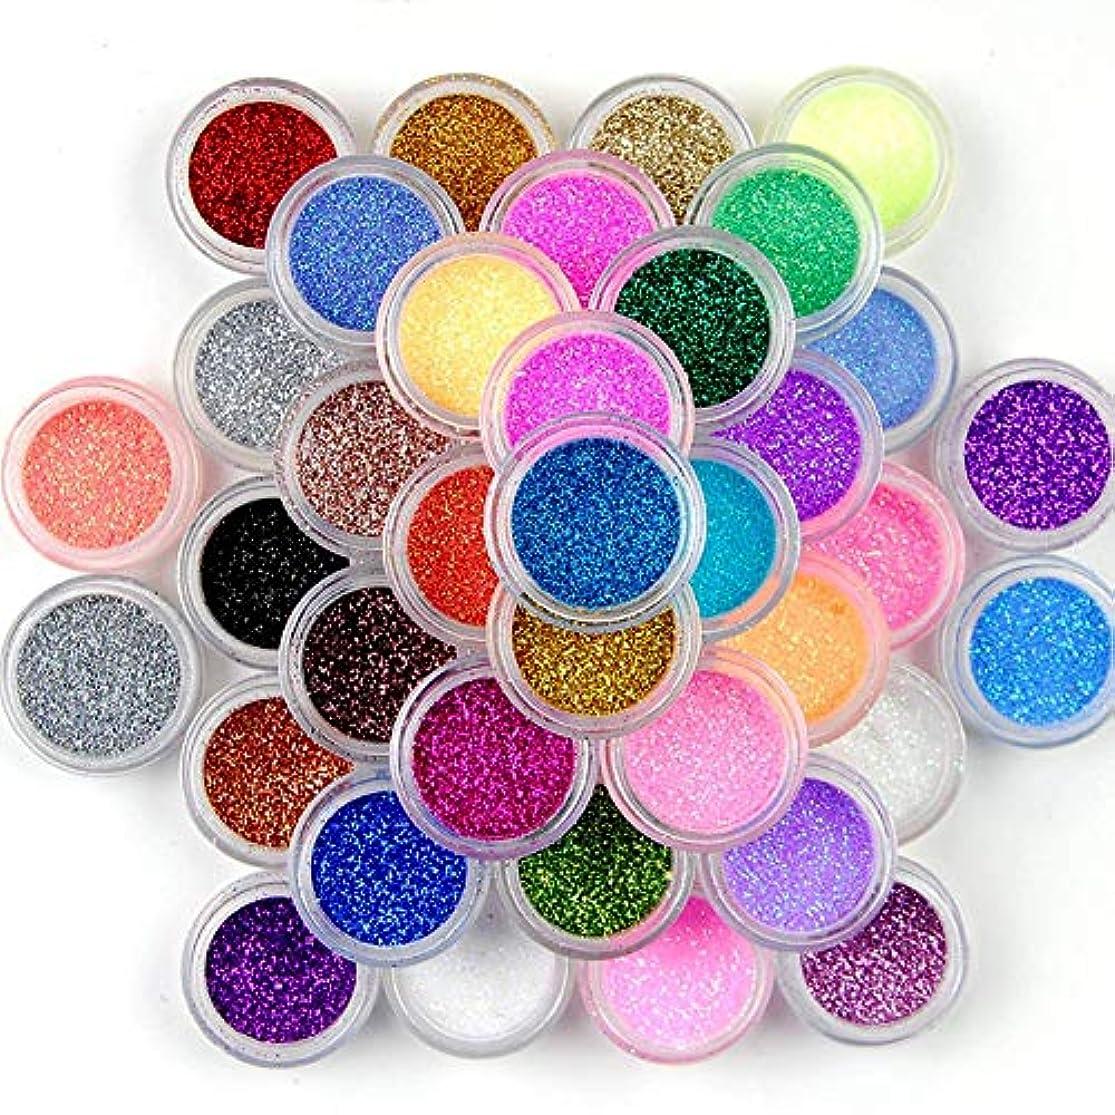 石灰岩実際によろしく45色グリッターネイルスパンコールパウダー、ネイルアートパウダーデコレーションカラーグリッターネイルパレットネイルズ顔料DIYデコレーションキット